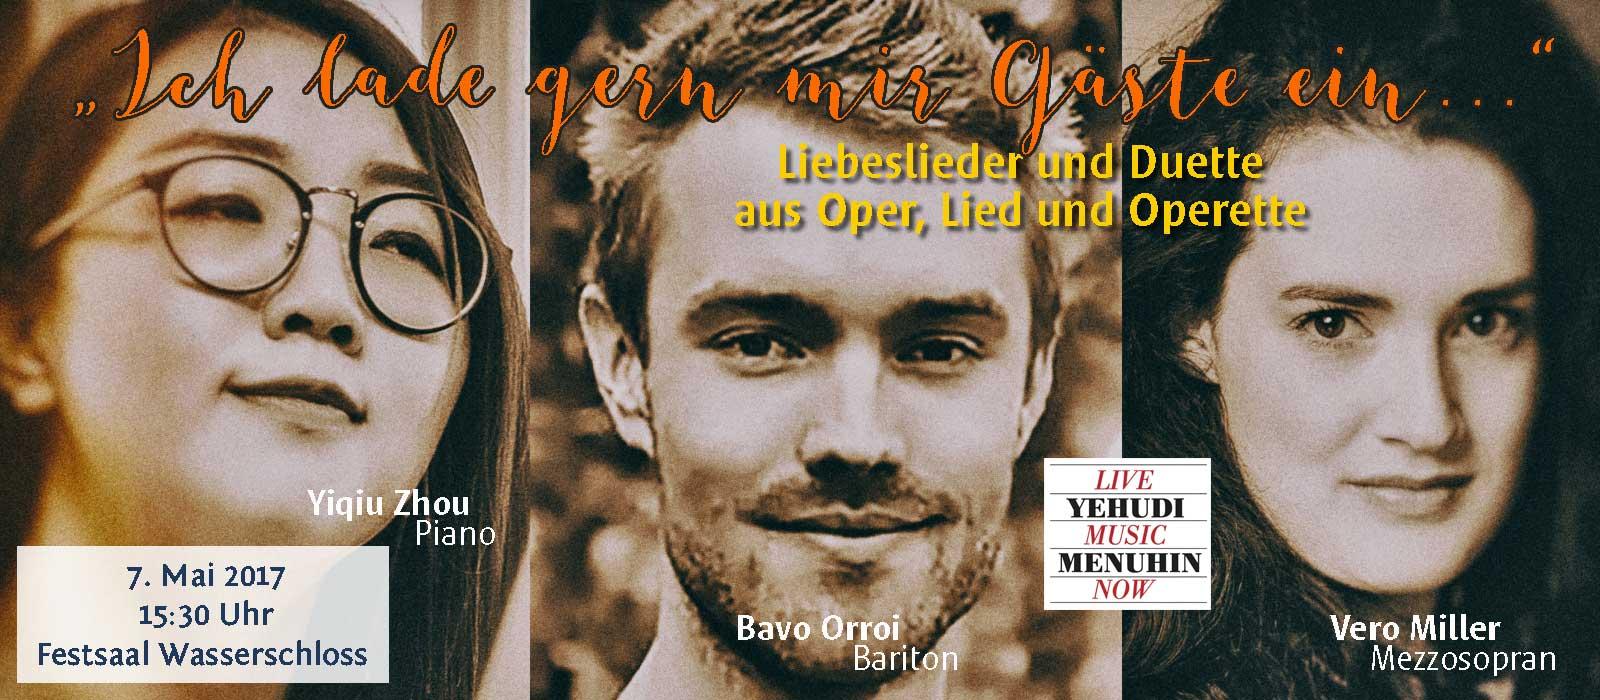 Liebeslieder und Duette aus Oper, Lied und Operette